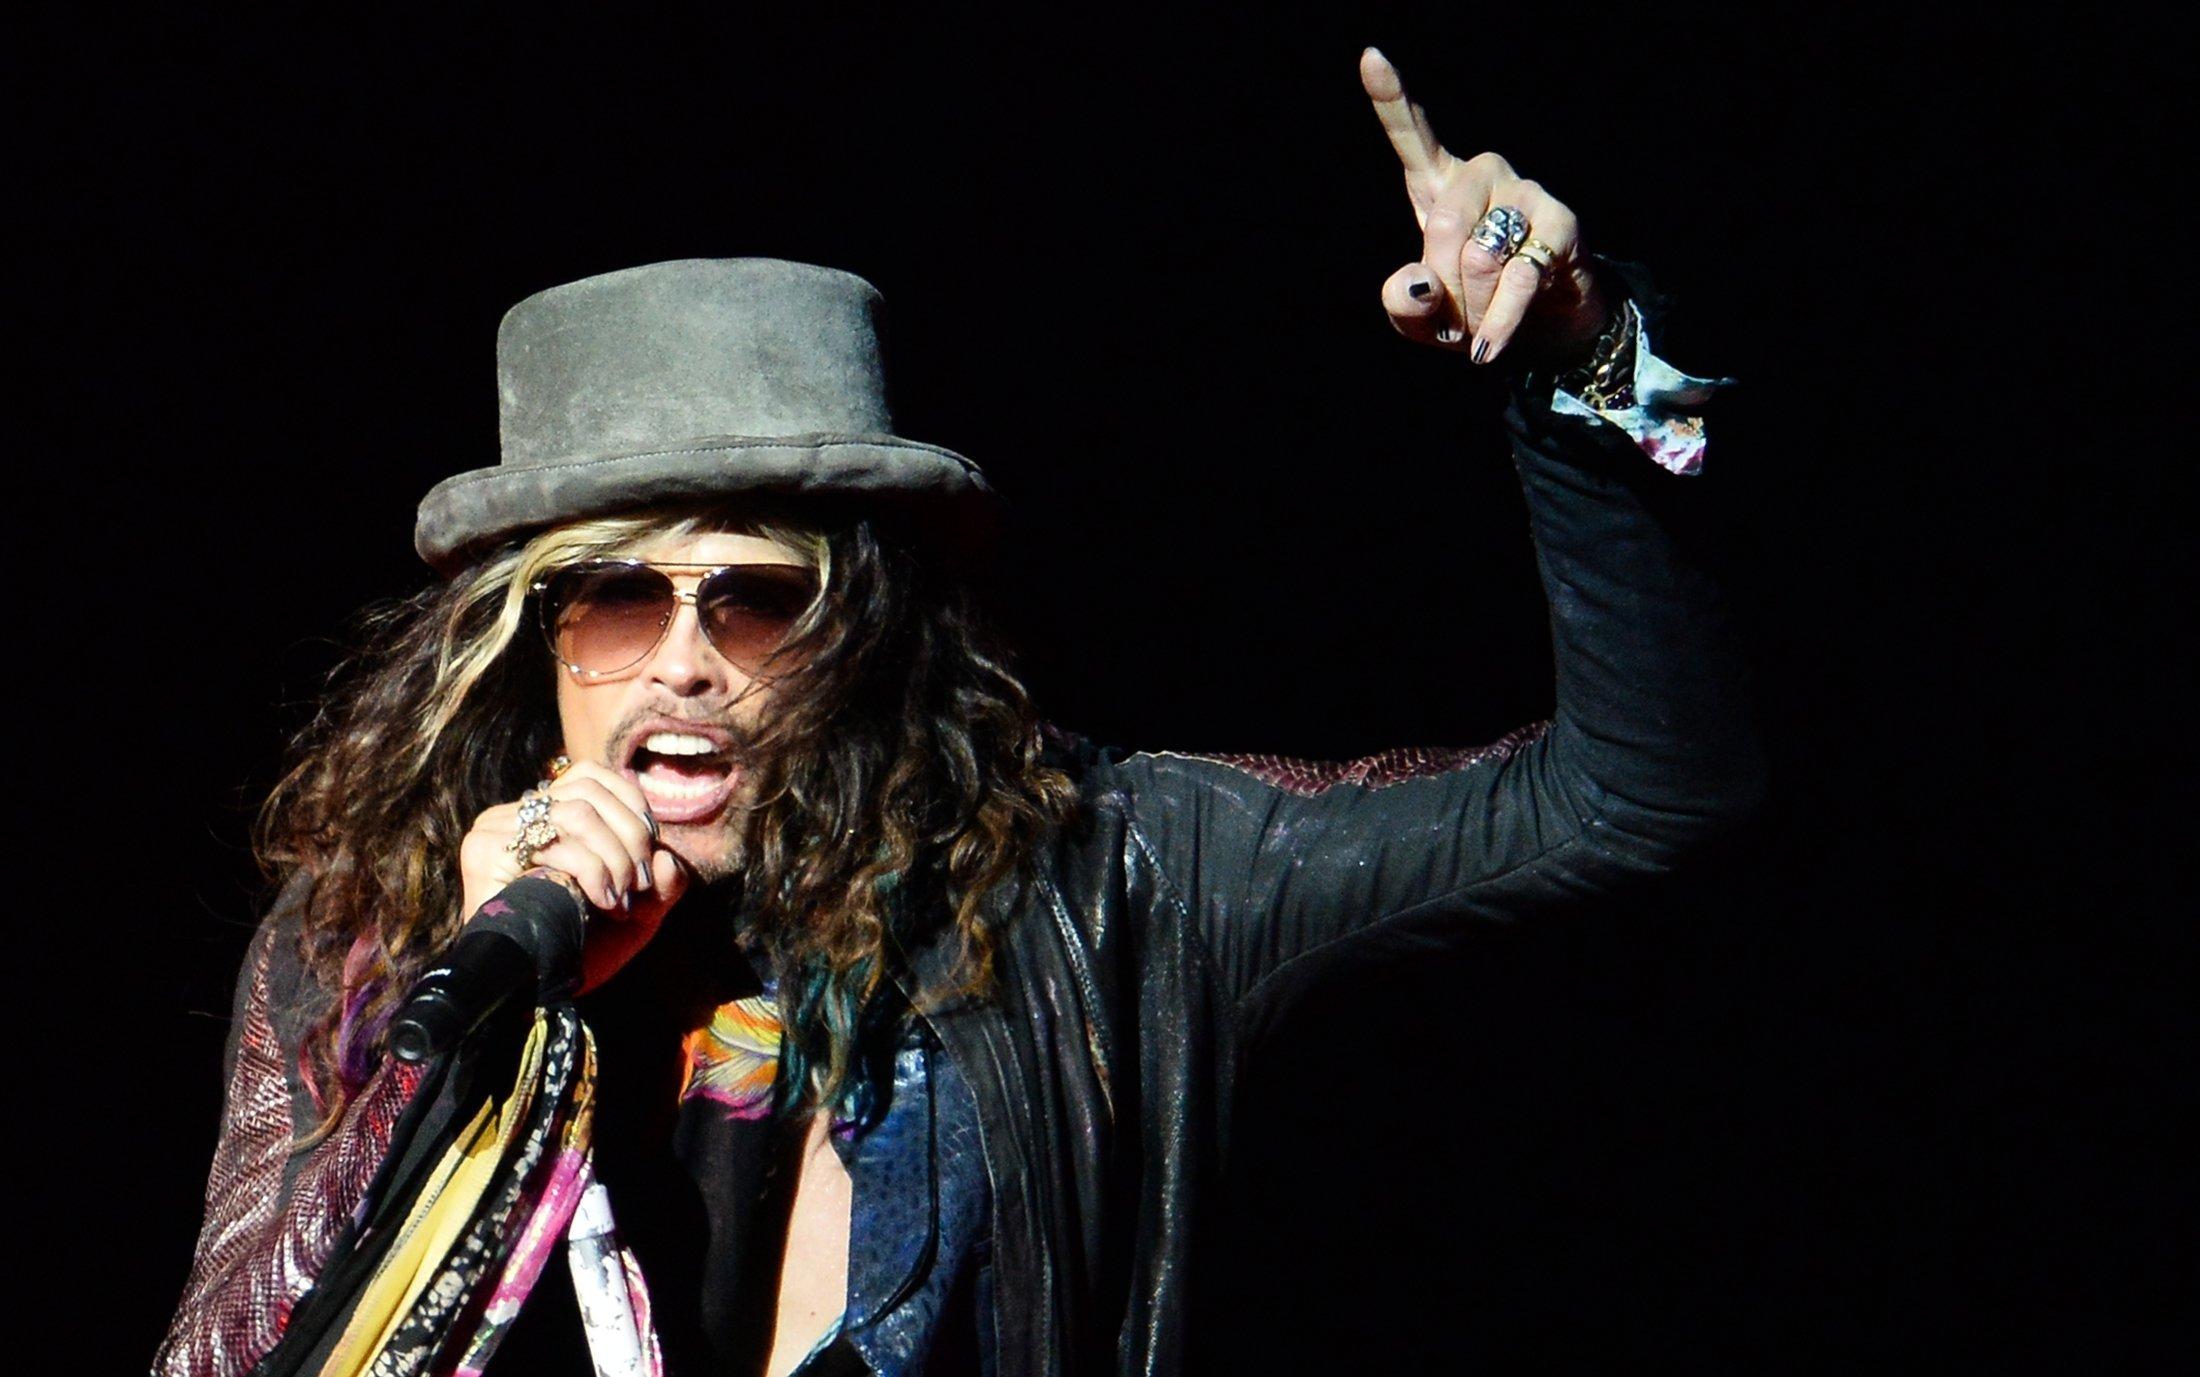 Группа Aerosmith выступит в столицеРФ впроцессе прощального тура